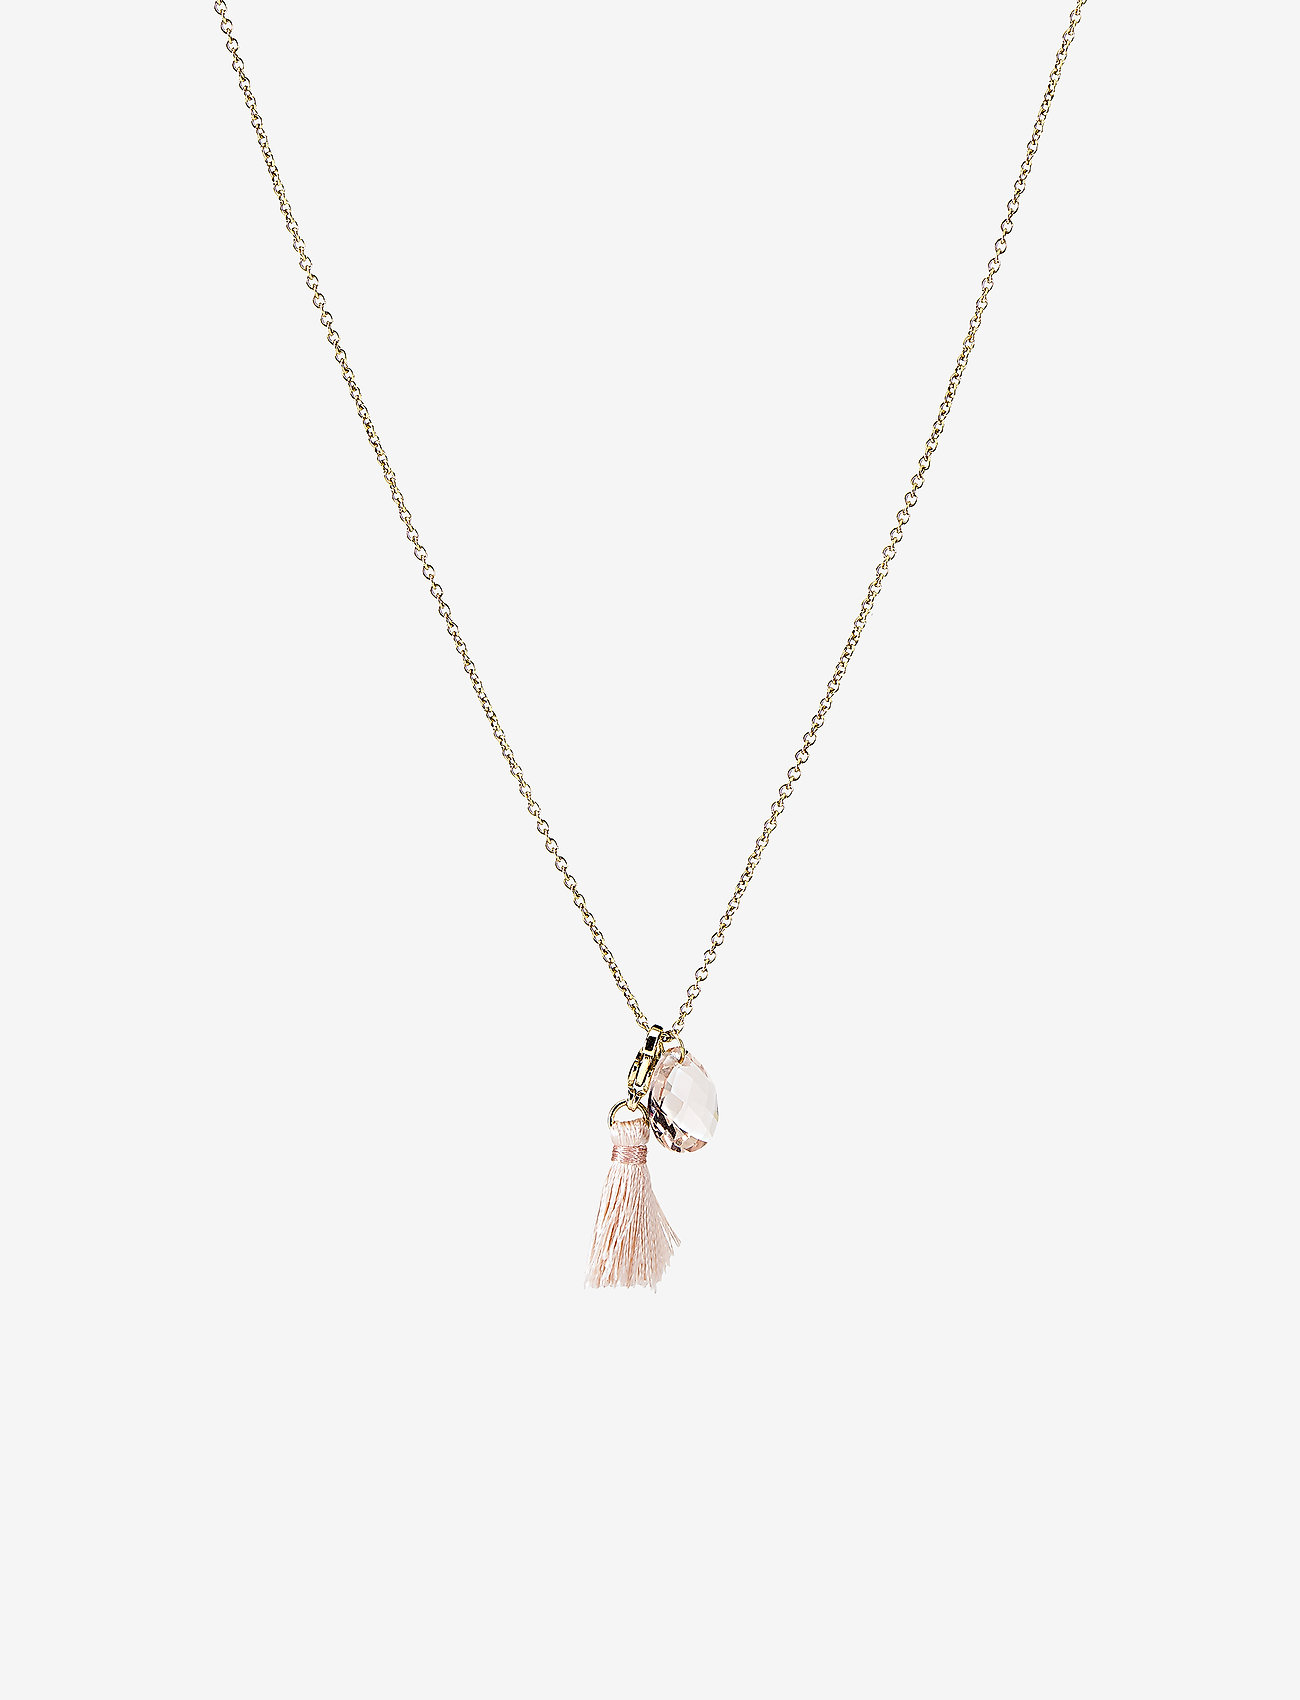 PIPOL'S BAZAAR Winnie Necklace Goldypink Champ - Biżuteria CHAMP - Akcesoria